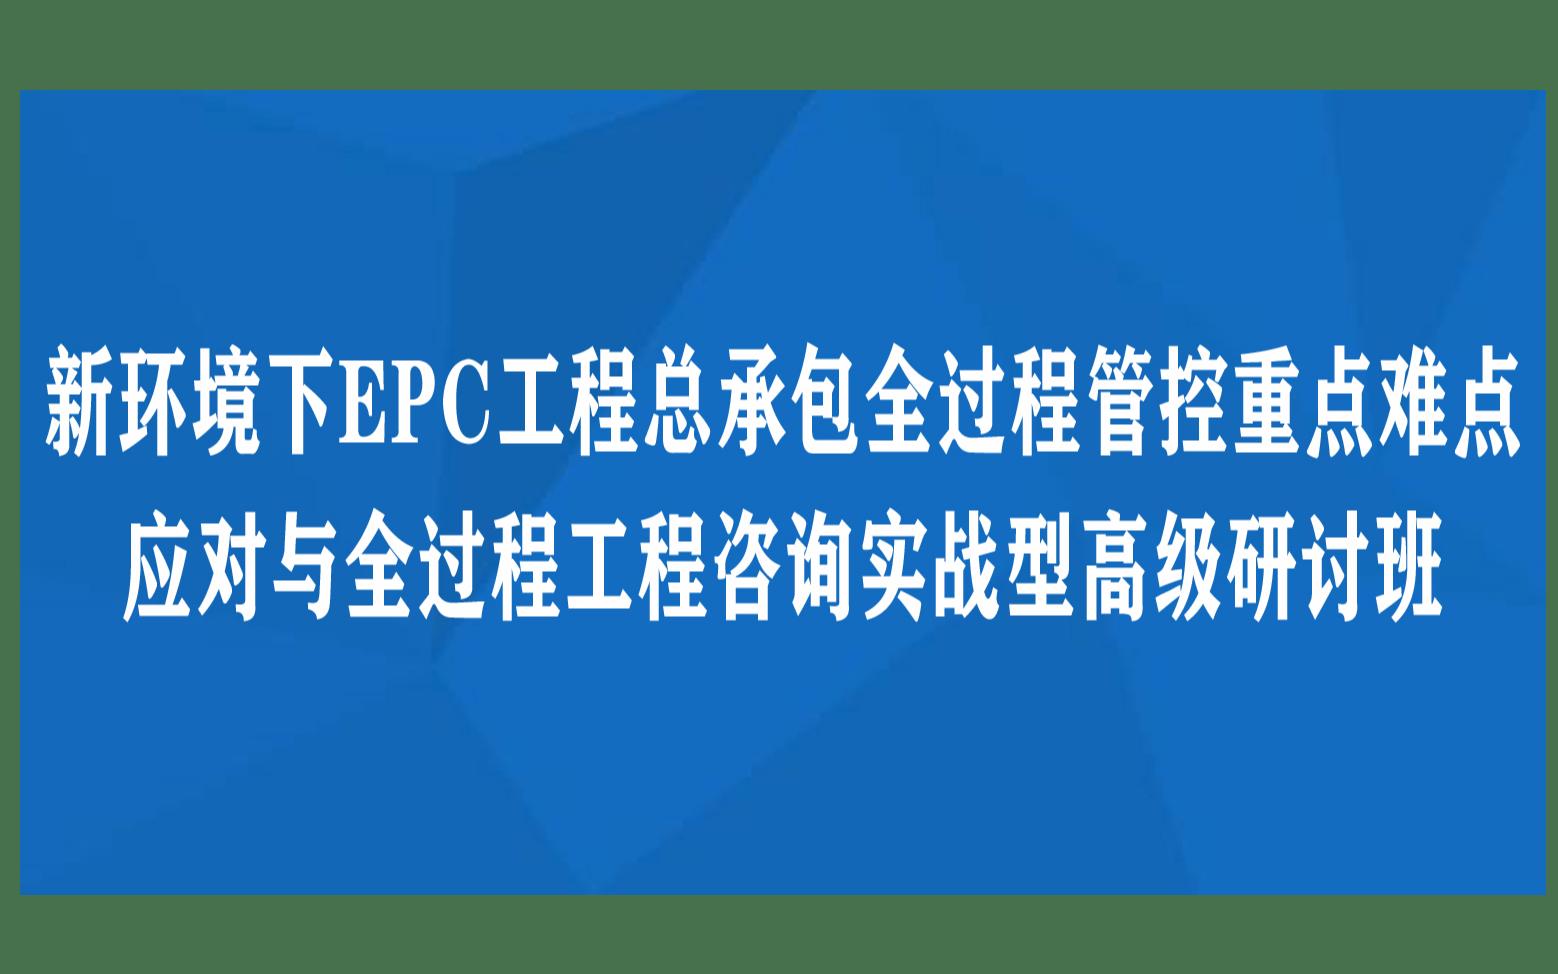 新环境下EPC工程总承包全过程管控重点难点应对与全过程工程咨询实战型高级研讨班12月长沙